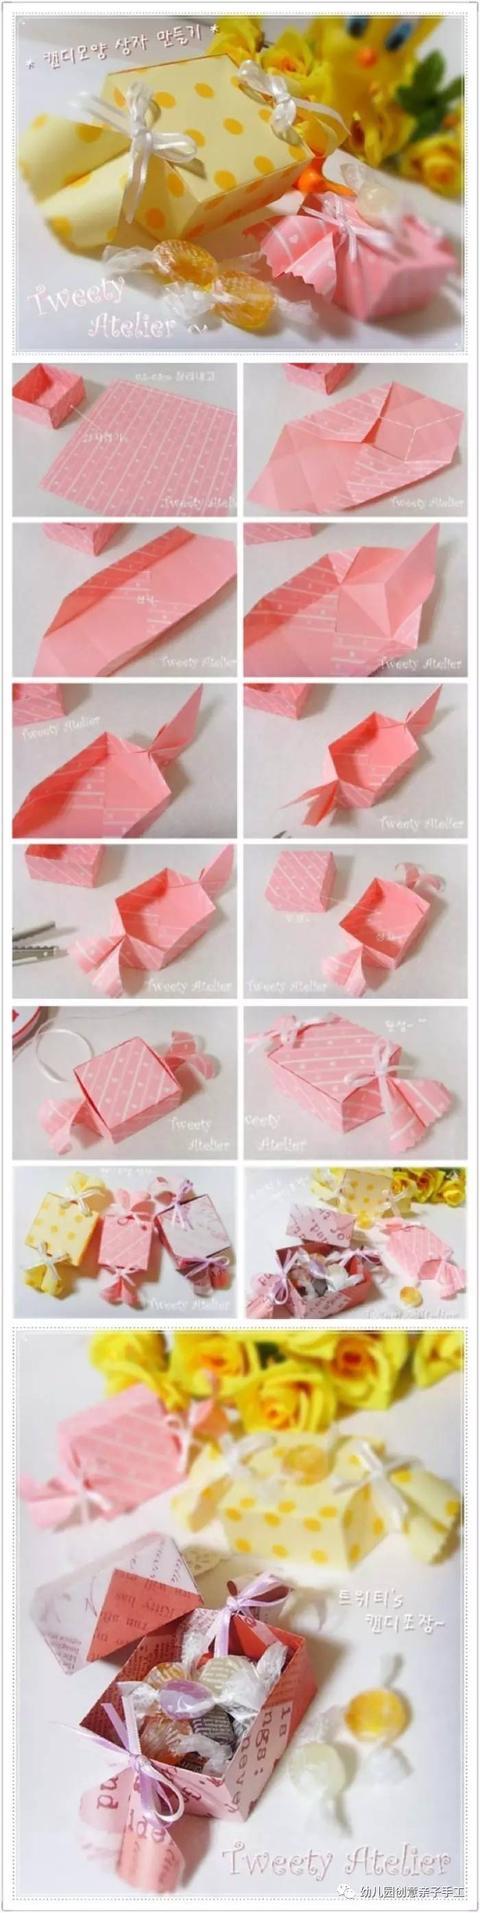 幼儿园亲子手工折纸制作大全:相框小船花球吊饰等,简单实用!